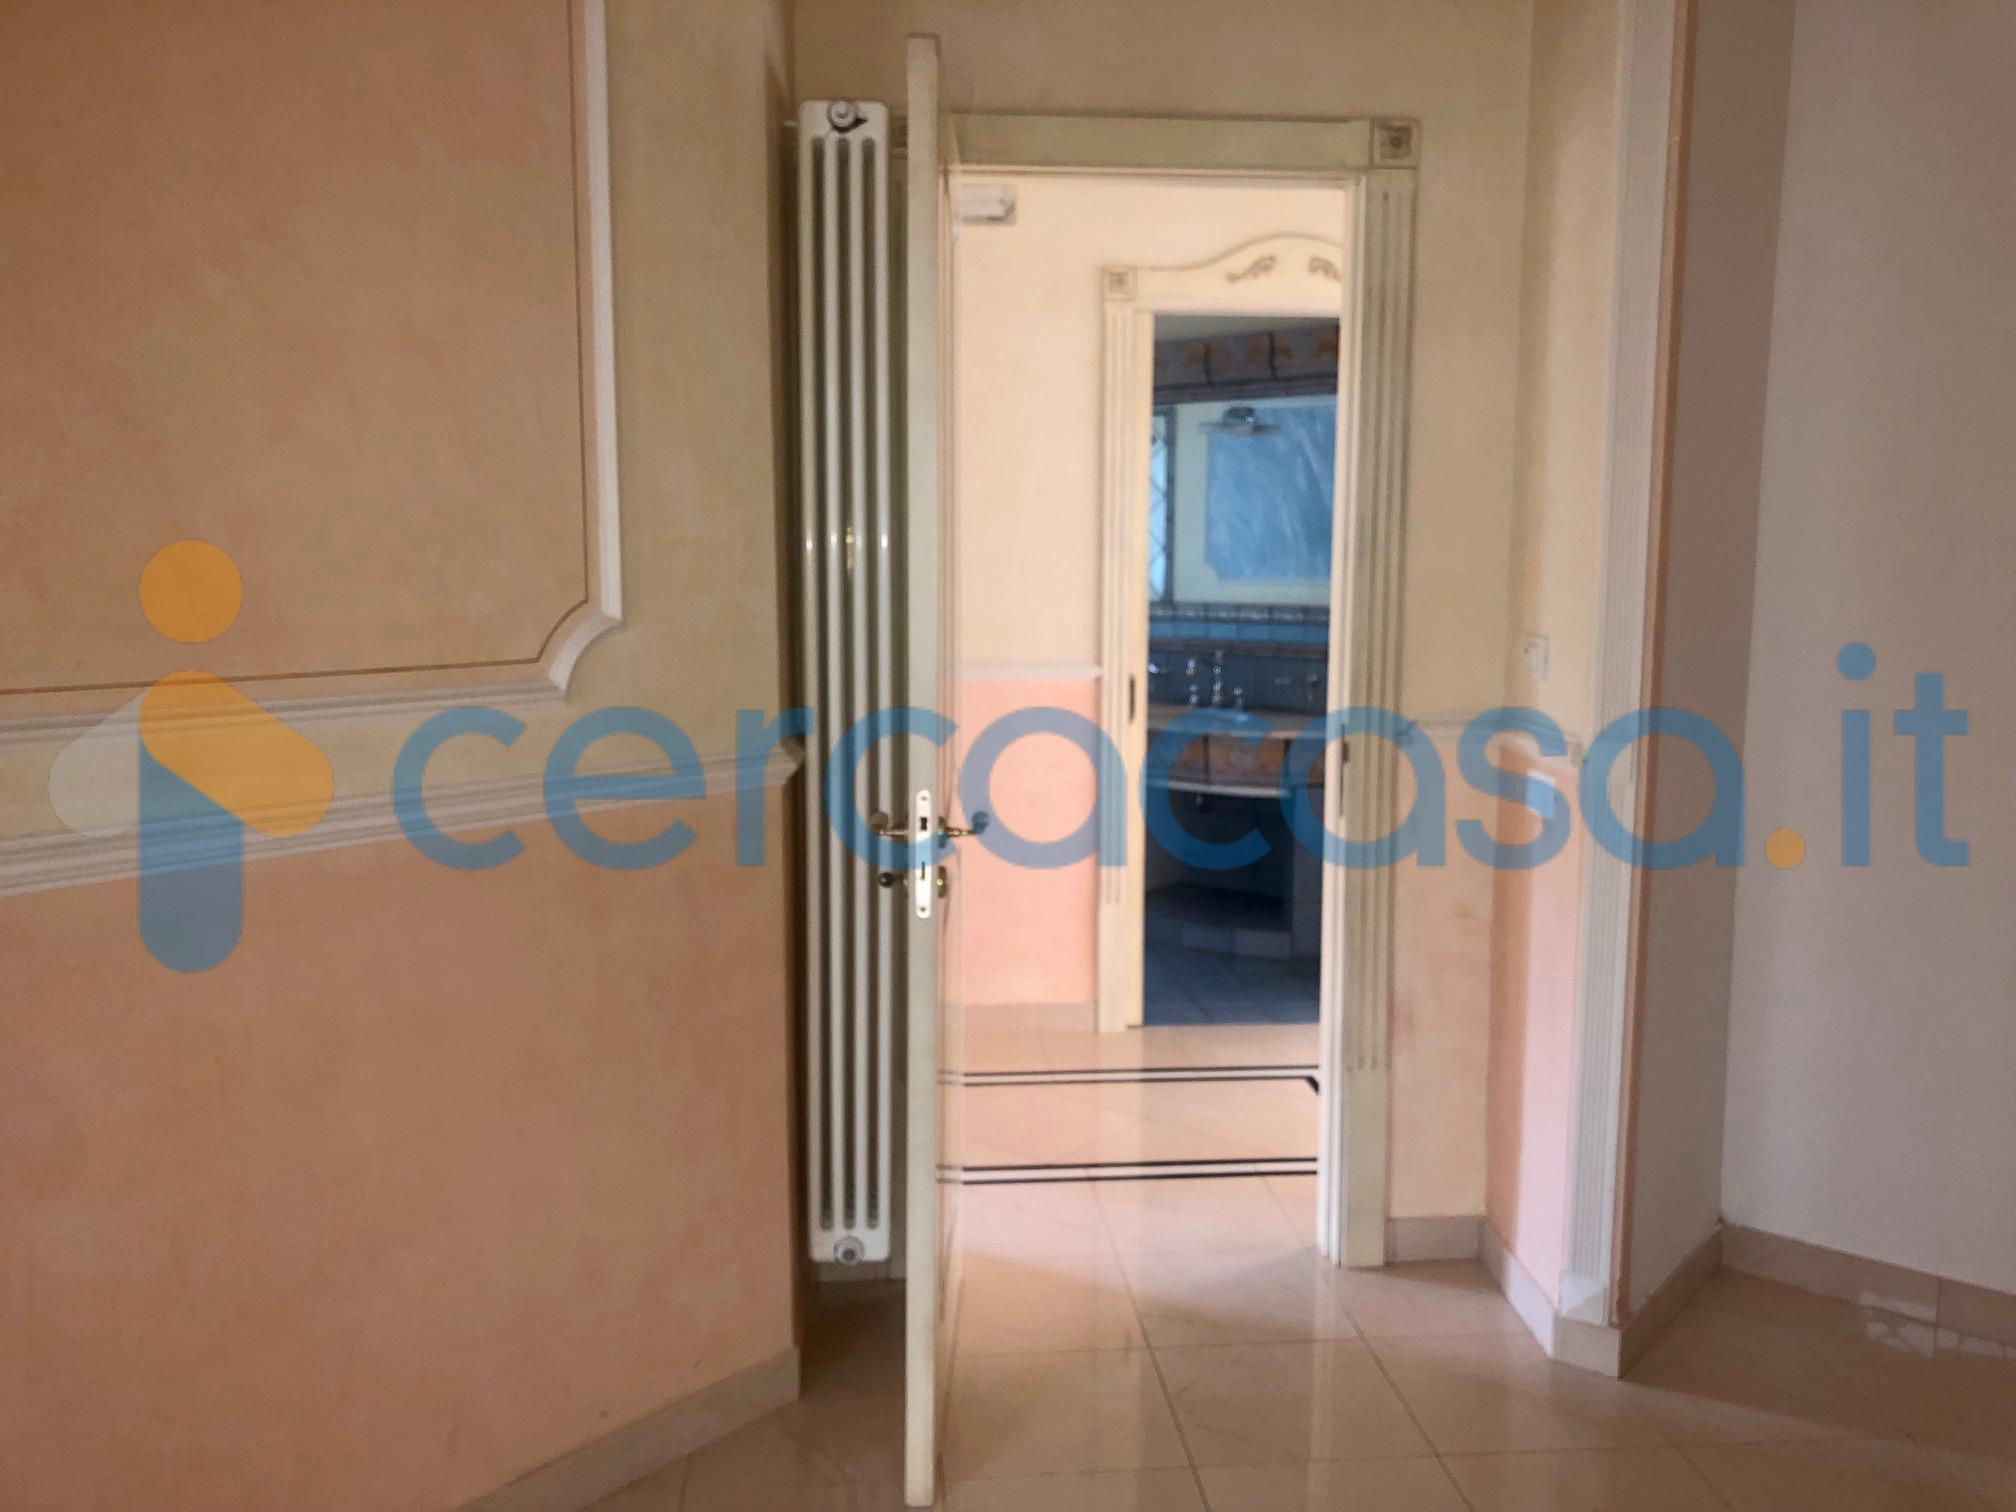 _c_o_d-2605-_appartamento-in-affitto-ad-_aci-_castello-via-_malavoglia